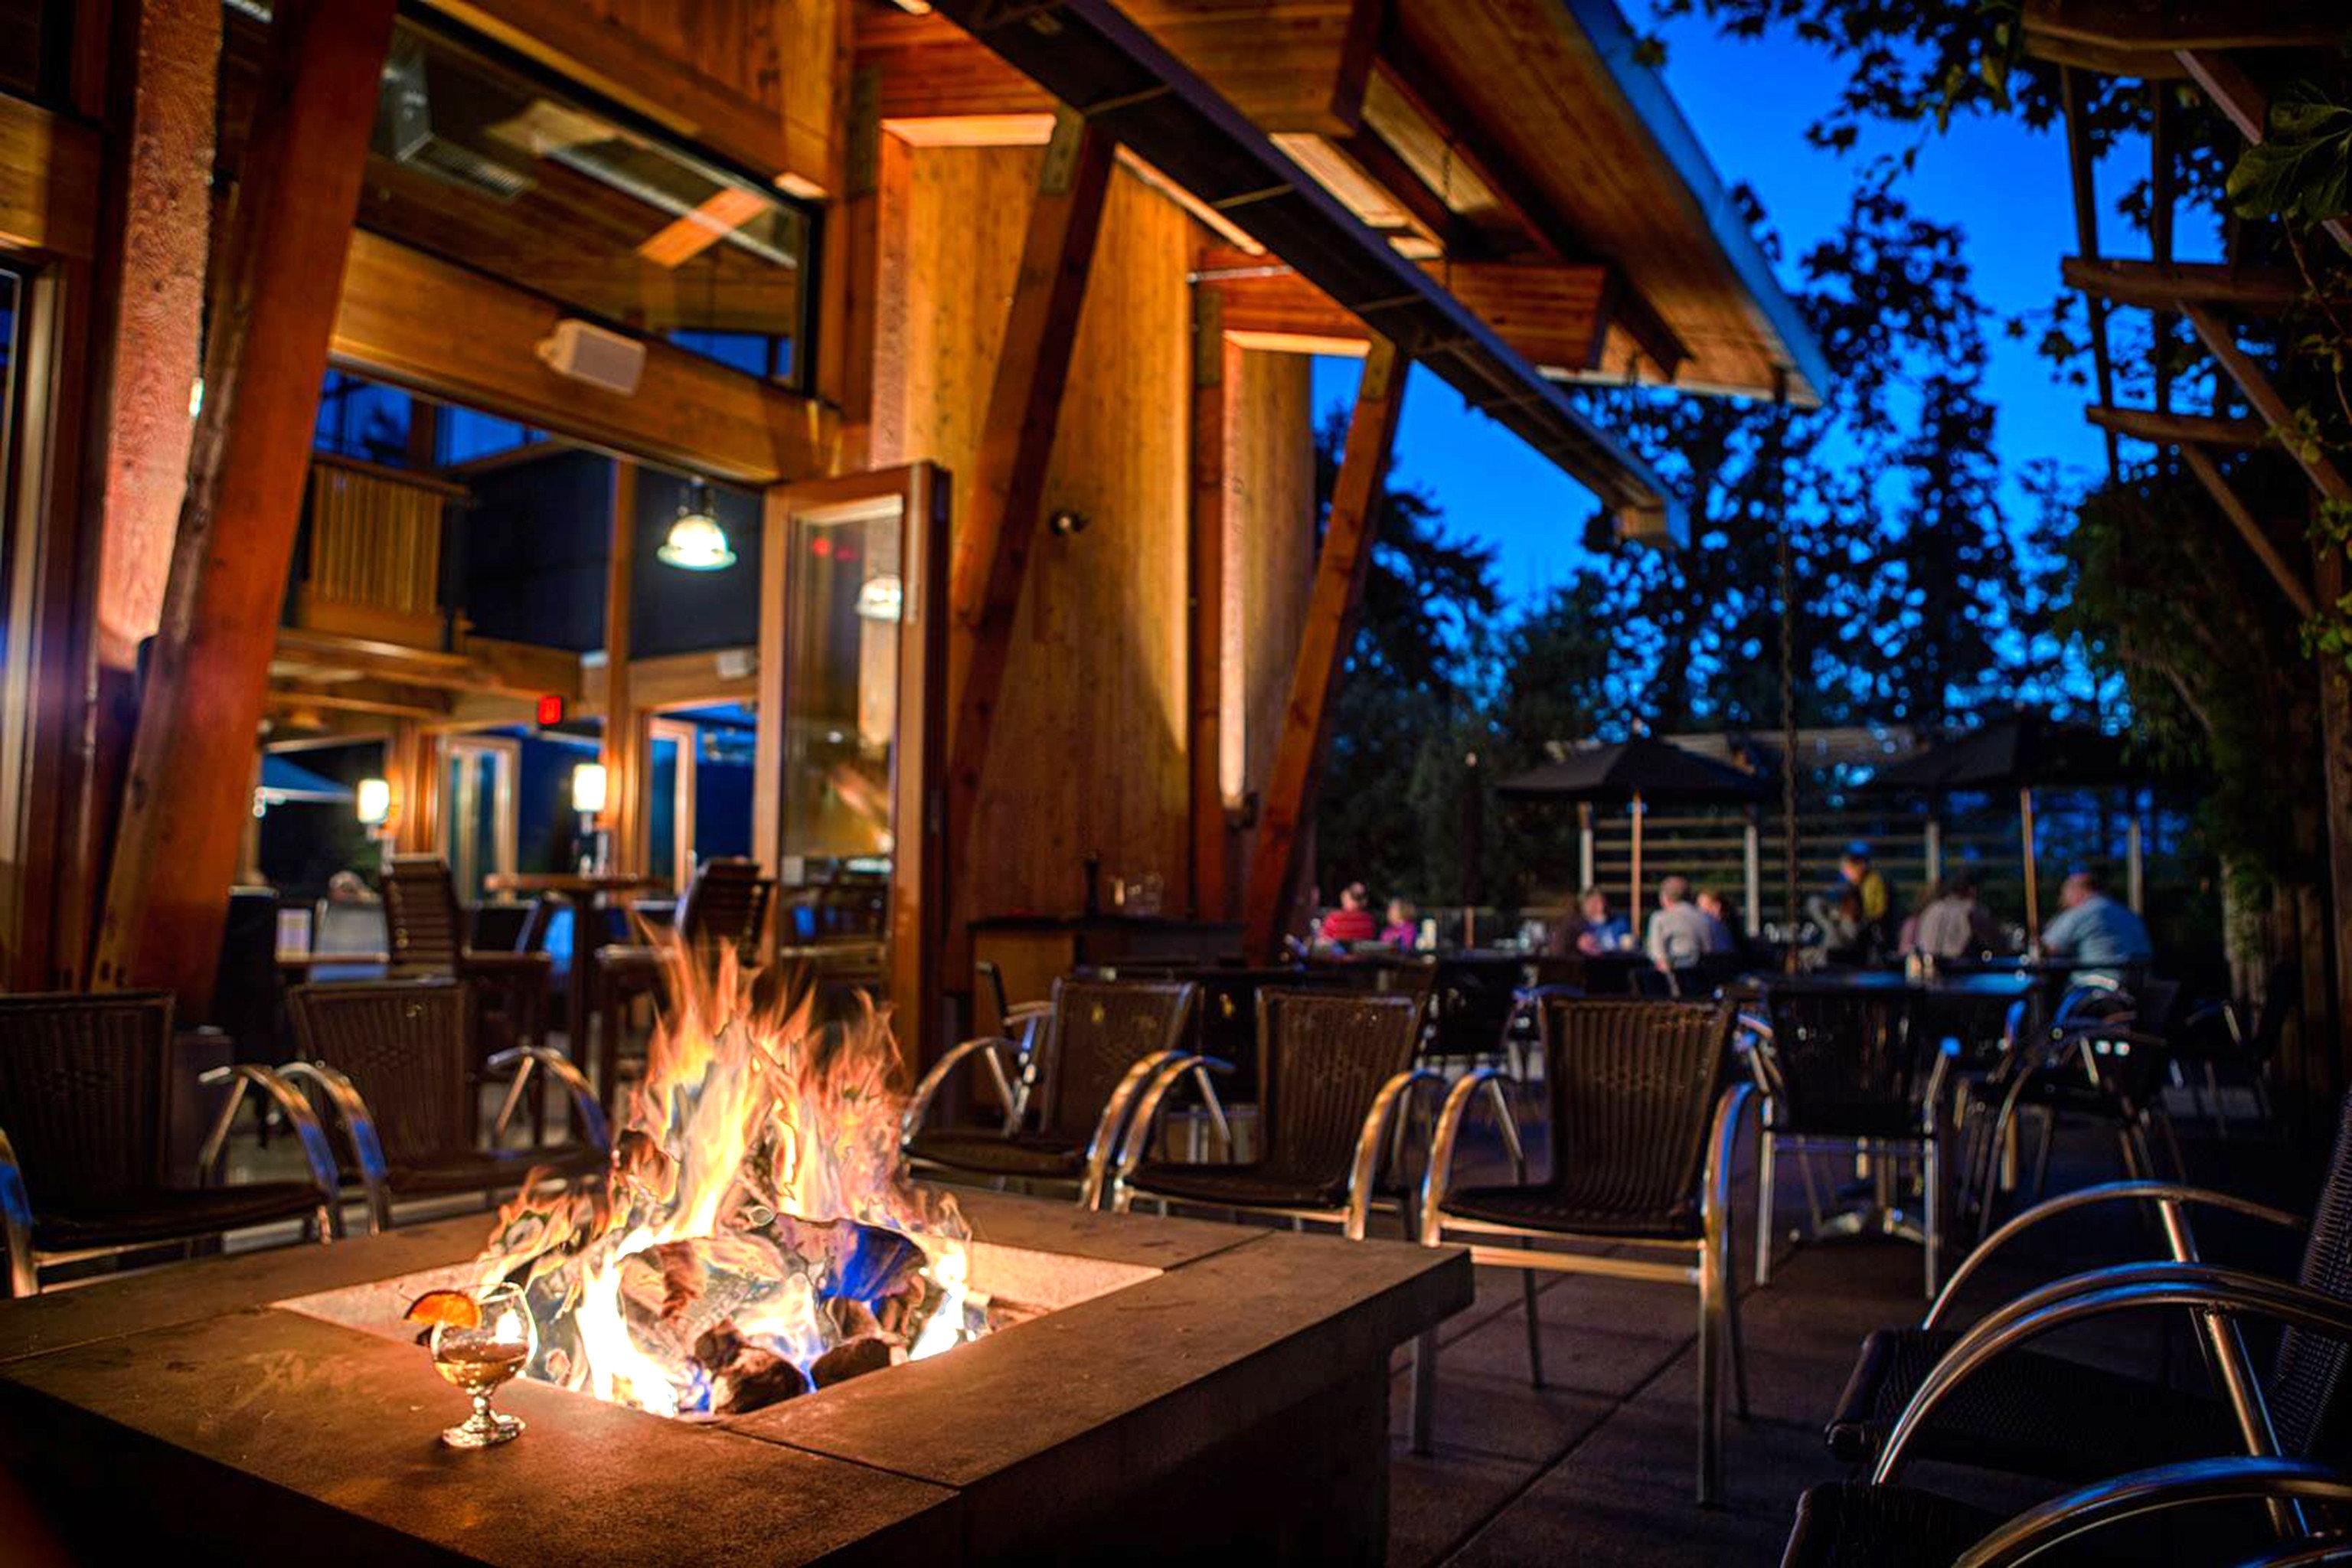 Firepit Modern Outdoor Activities Outdoors Resort Romantic Terrace Waterfront night lighting evening restaurant